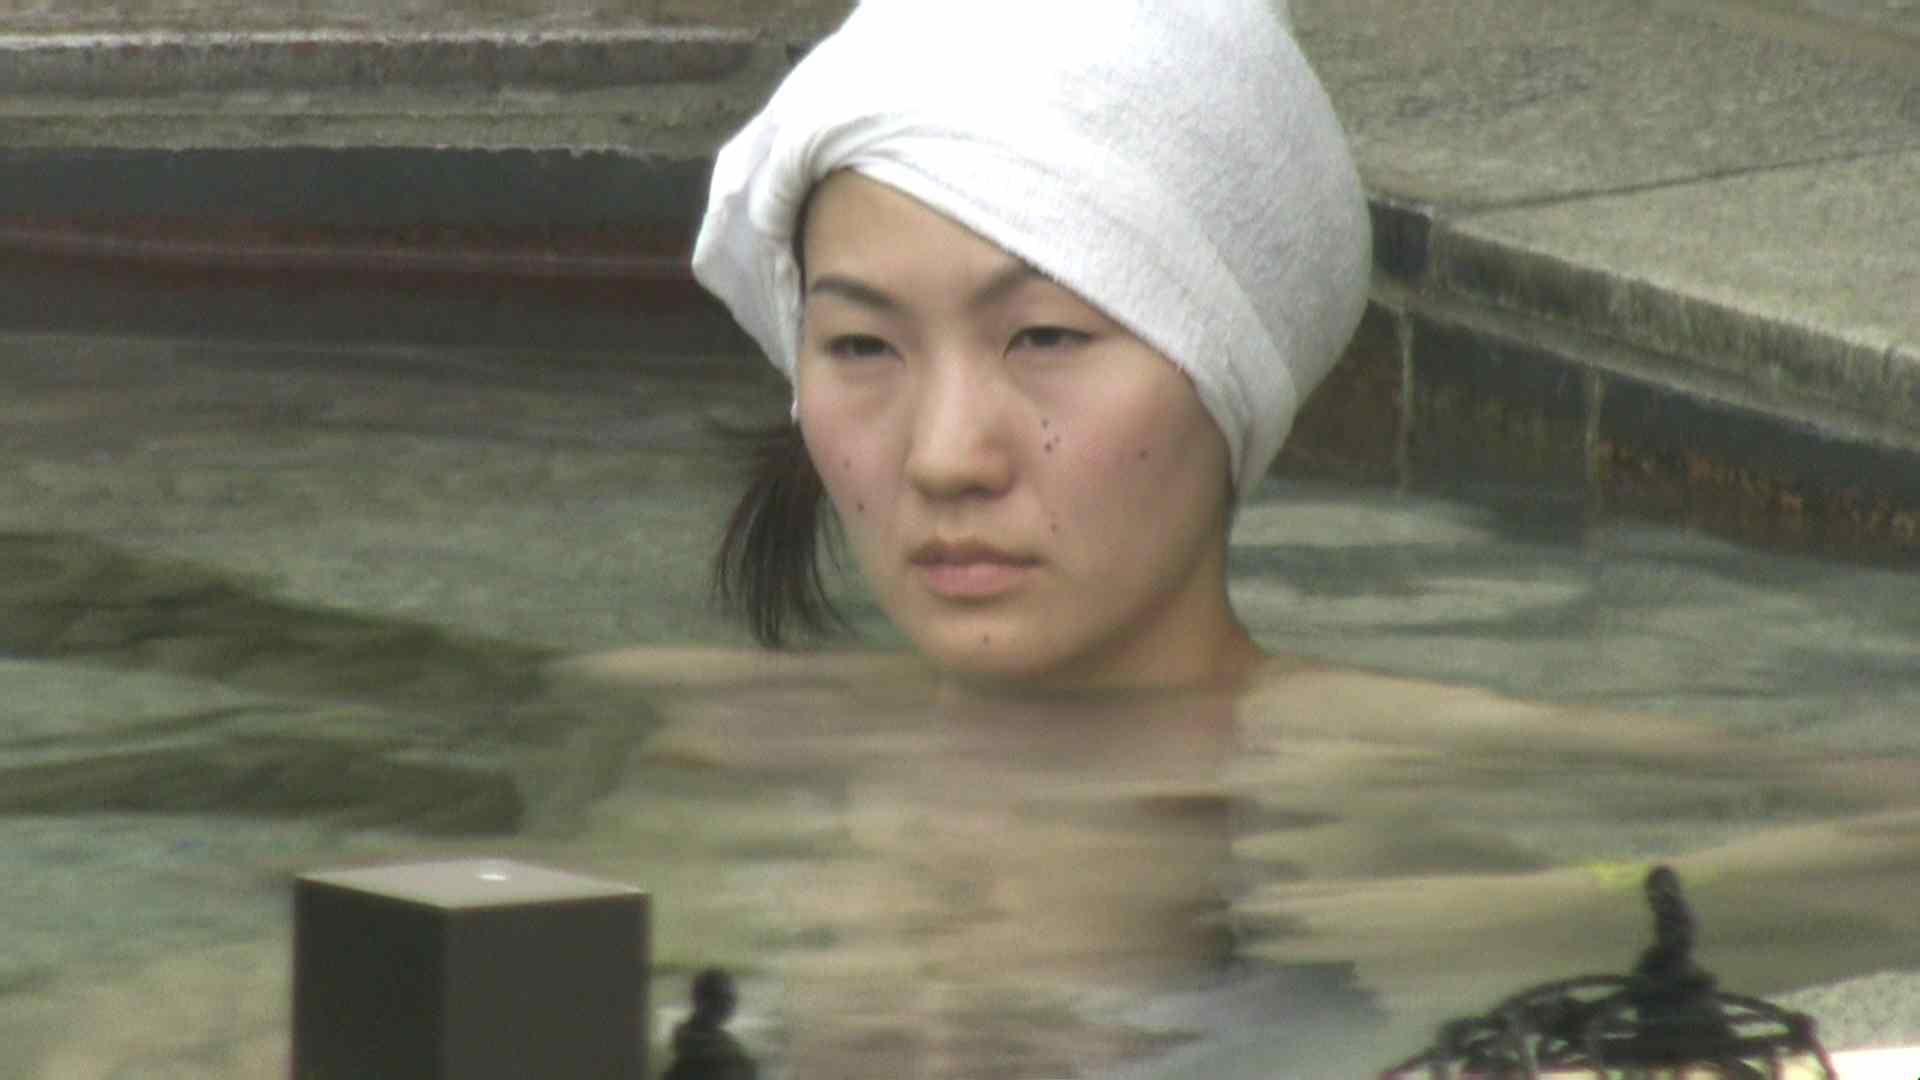 高画質露天女風呂観察 vol.034 望遠 AV無料動画キャプチャ 107pic 48